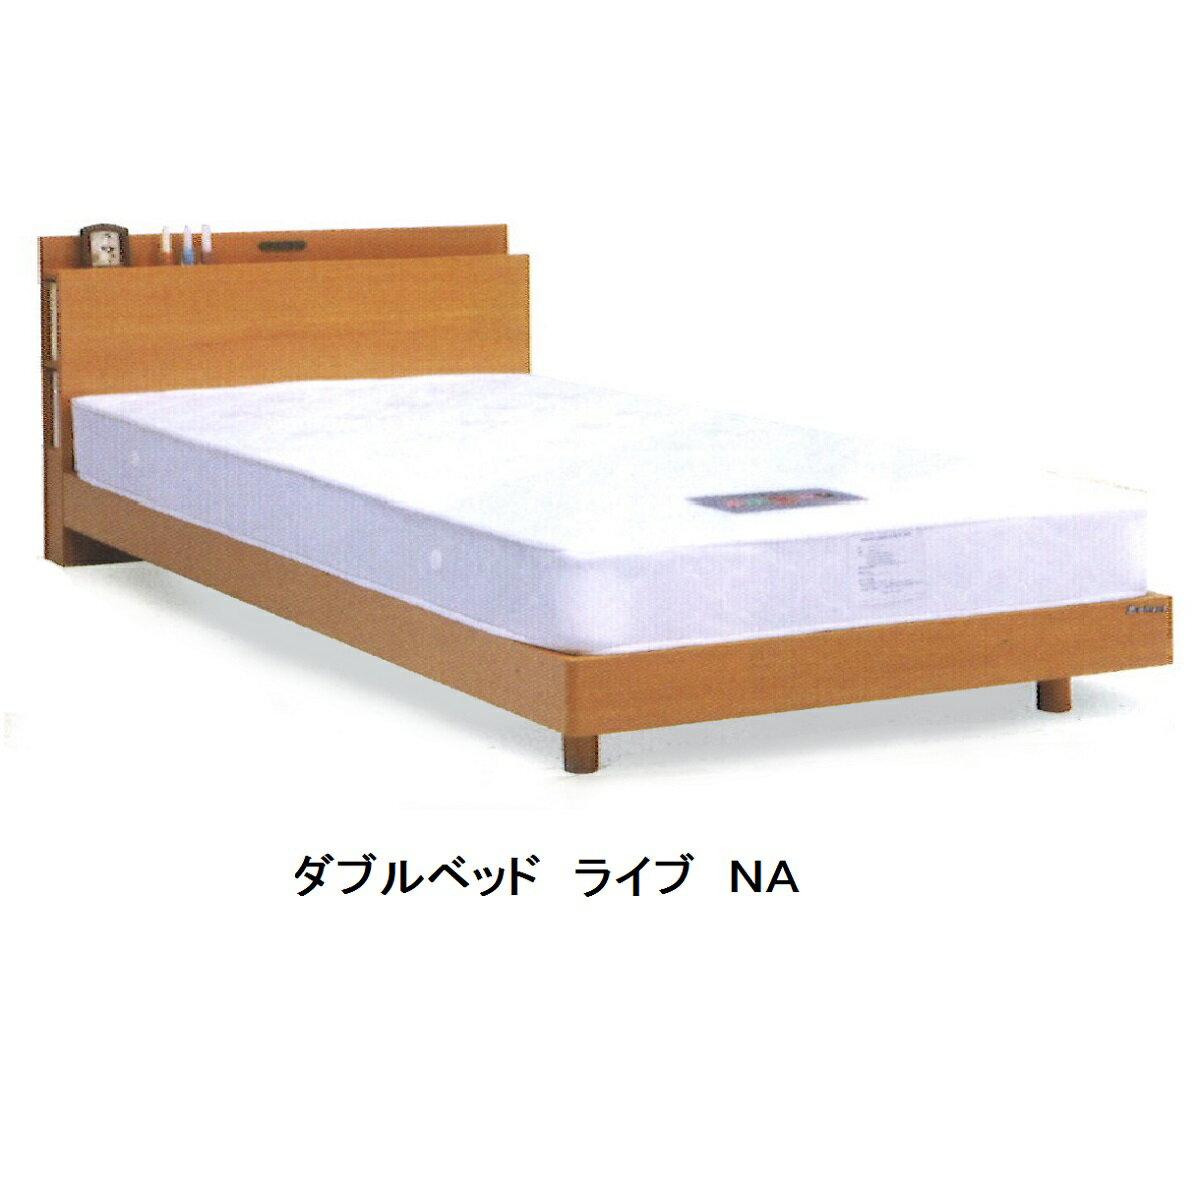 ダブルベッド ライブキャビネットタイプ2色対応(NA・BR)床板:布張り材質:MDF・強化シート側面棚、コンセント付マット別要在庫確認